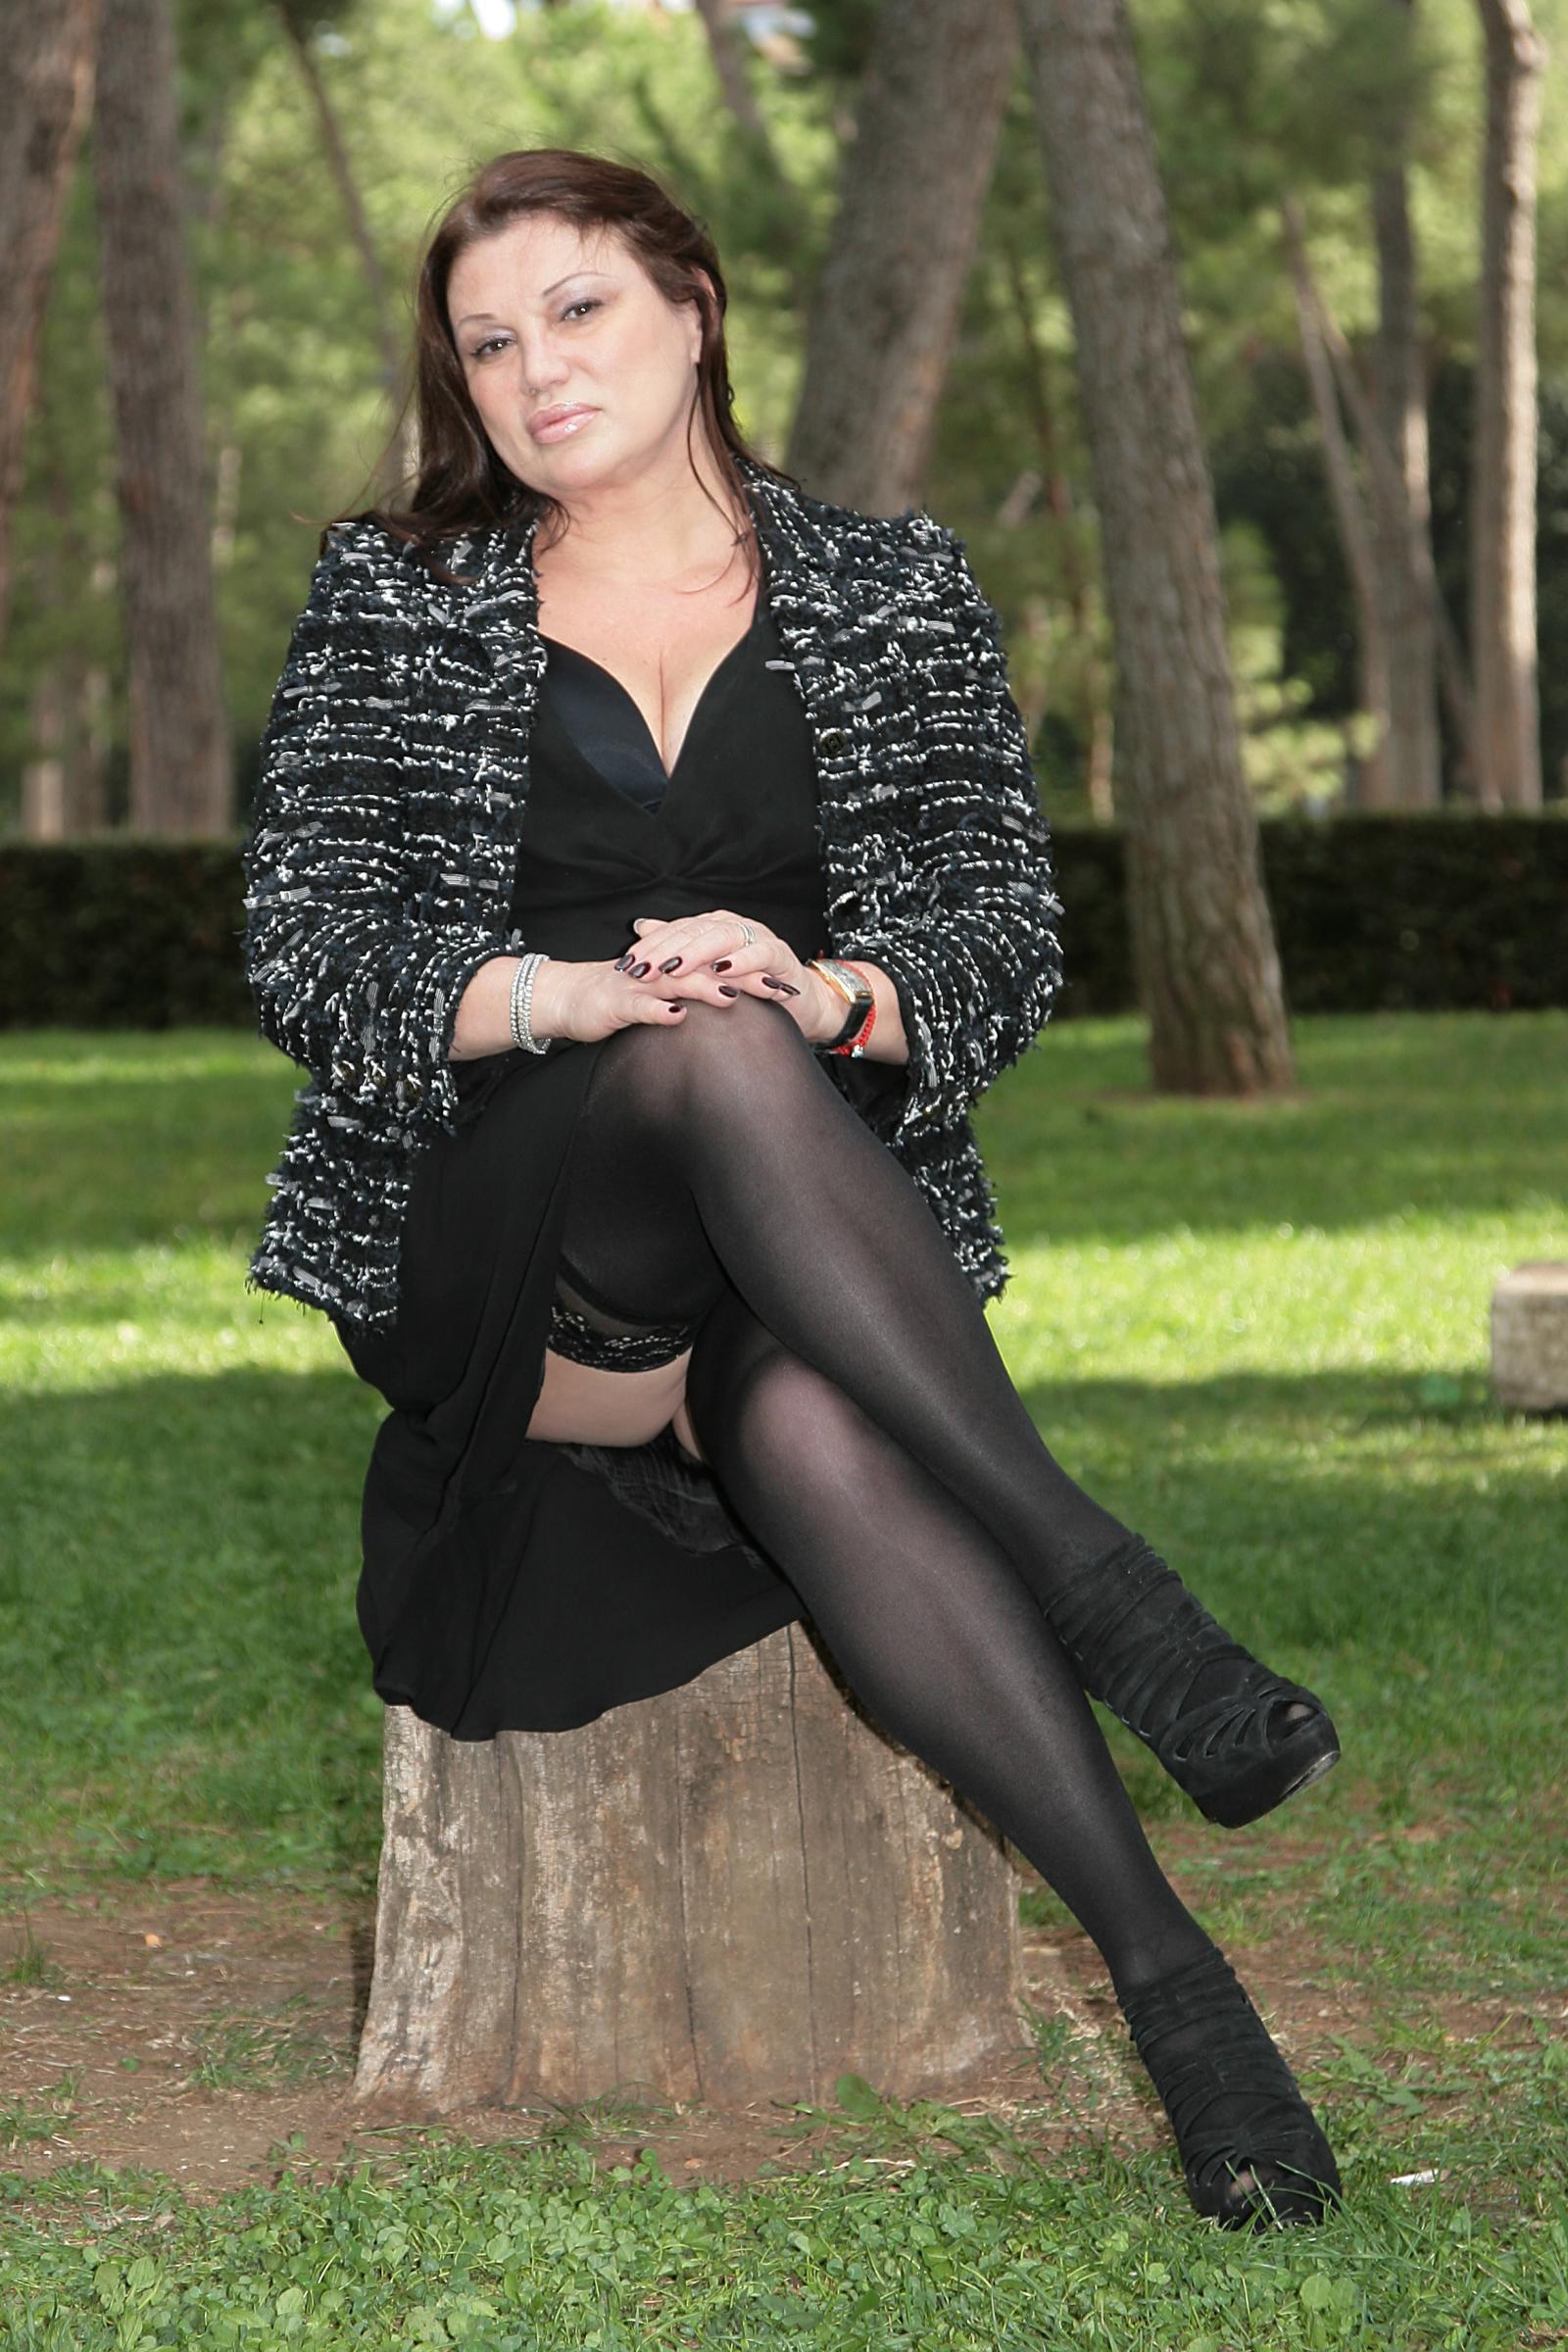 Foto LaPresse 03-06-2011  Serena Grandi risarcita per l'accusa di detenzione di stupefacenti nella foto serena Grandi foto di repertorio